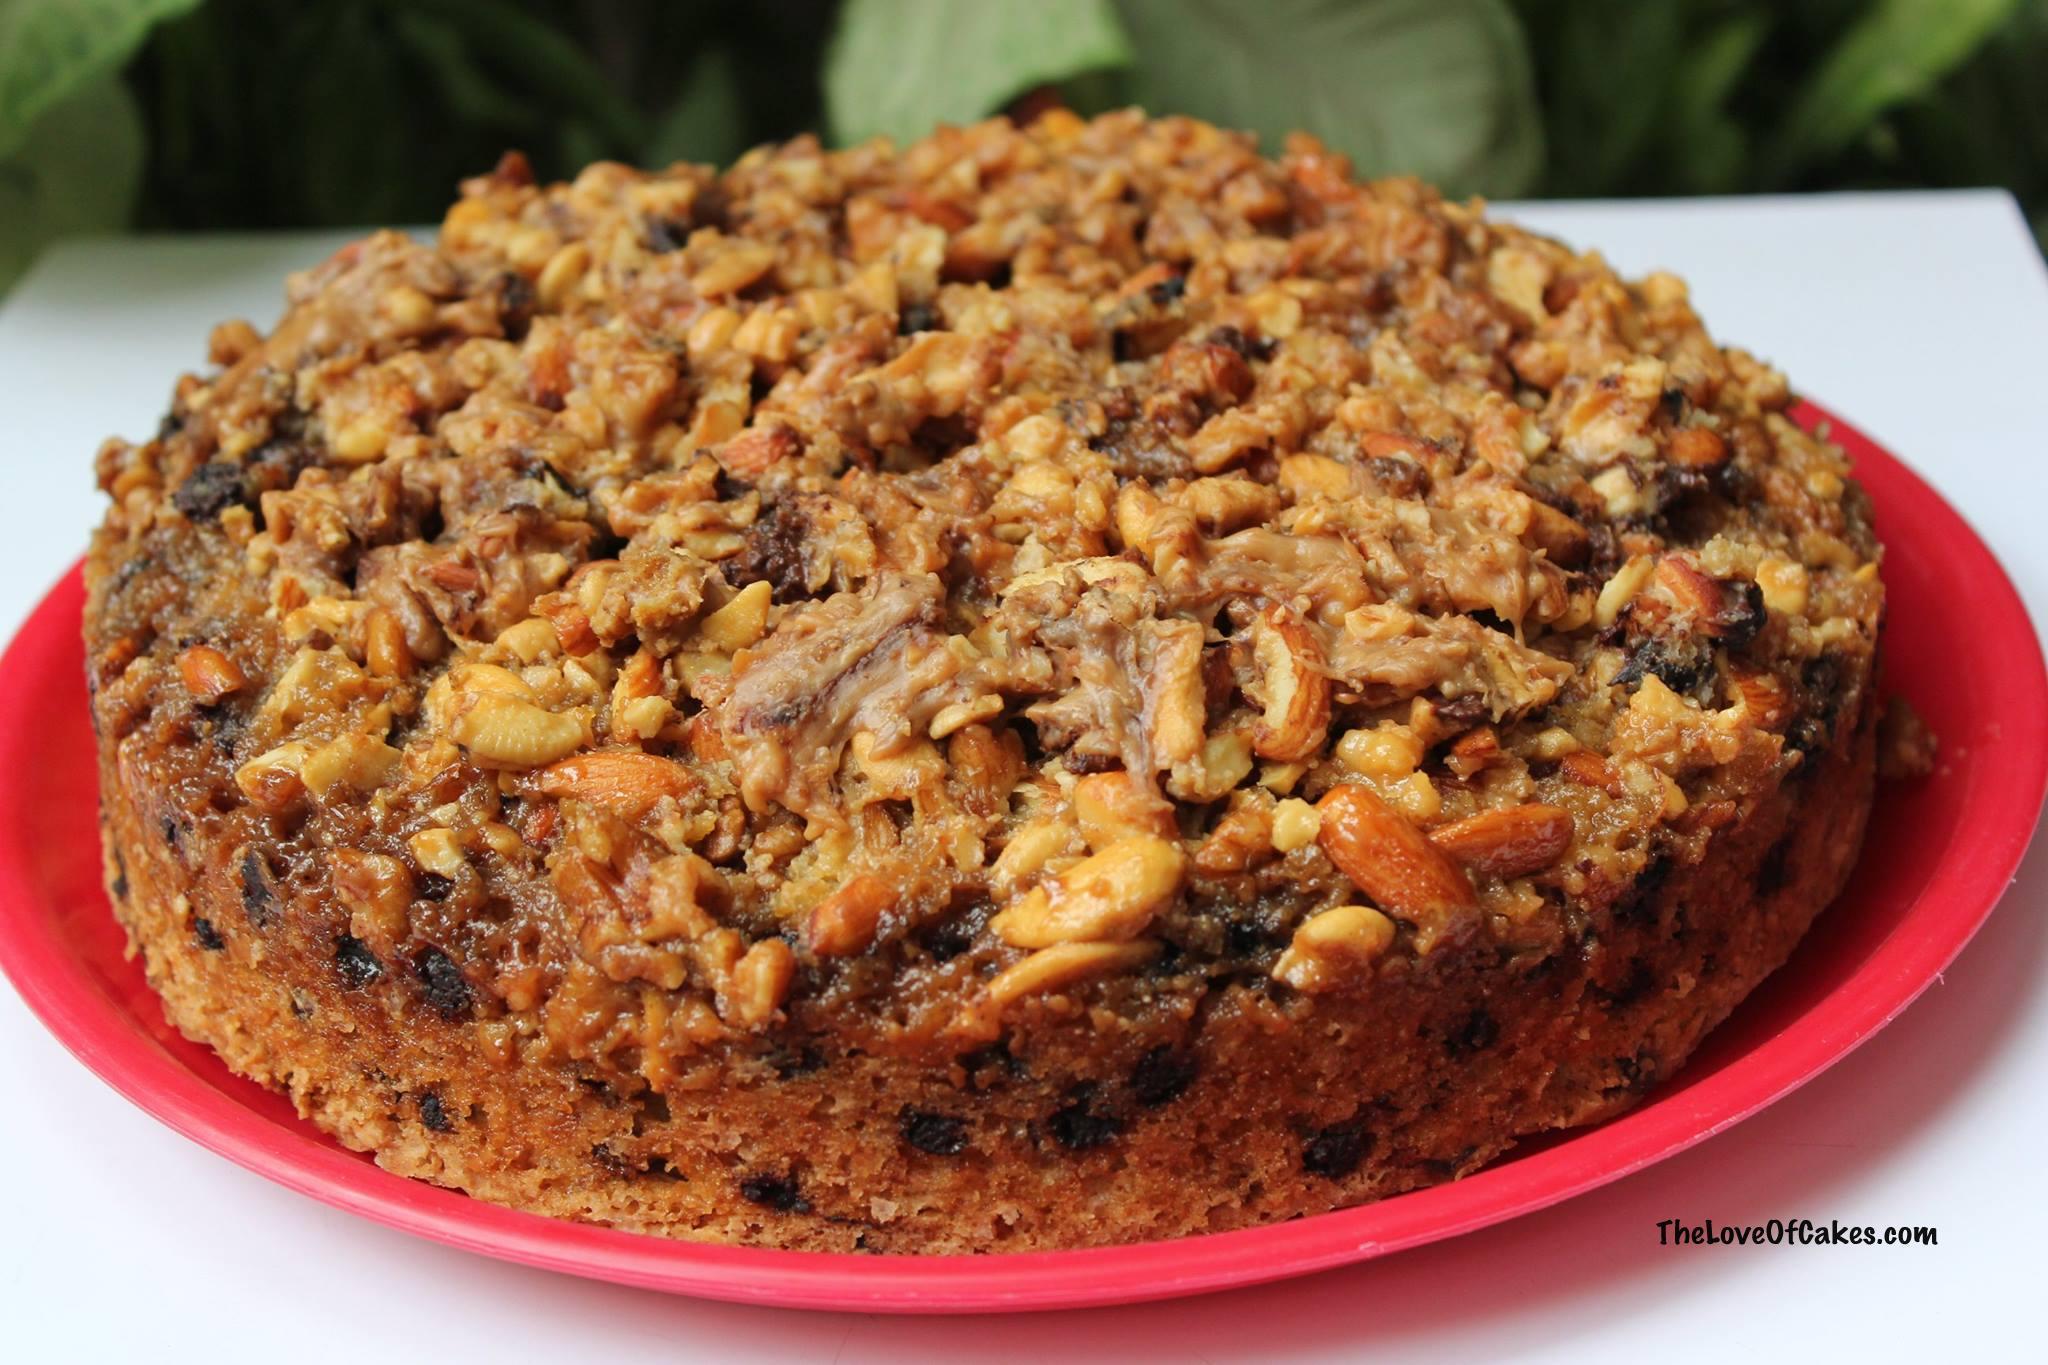 Chocolate Chip Praline Cake